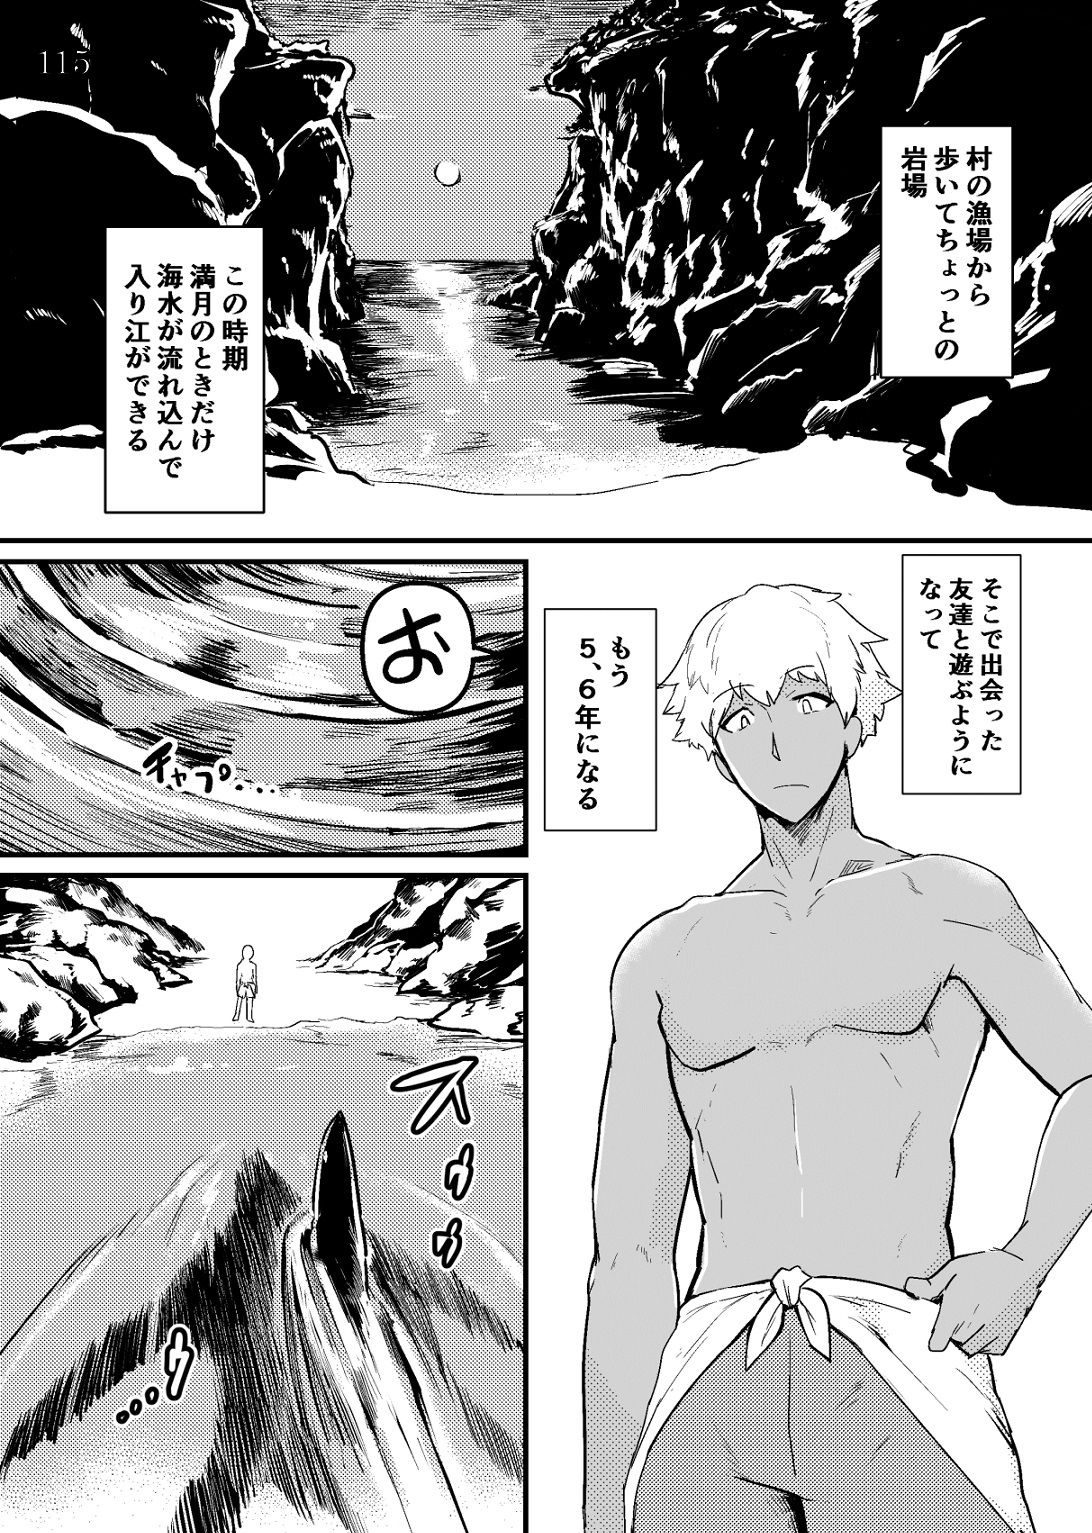 人外コレクション第12号「月の大きな夜」